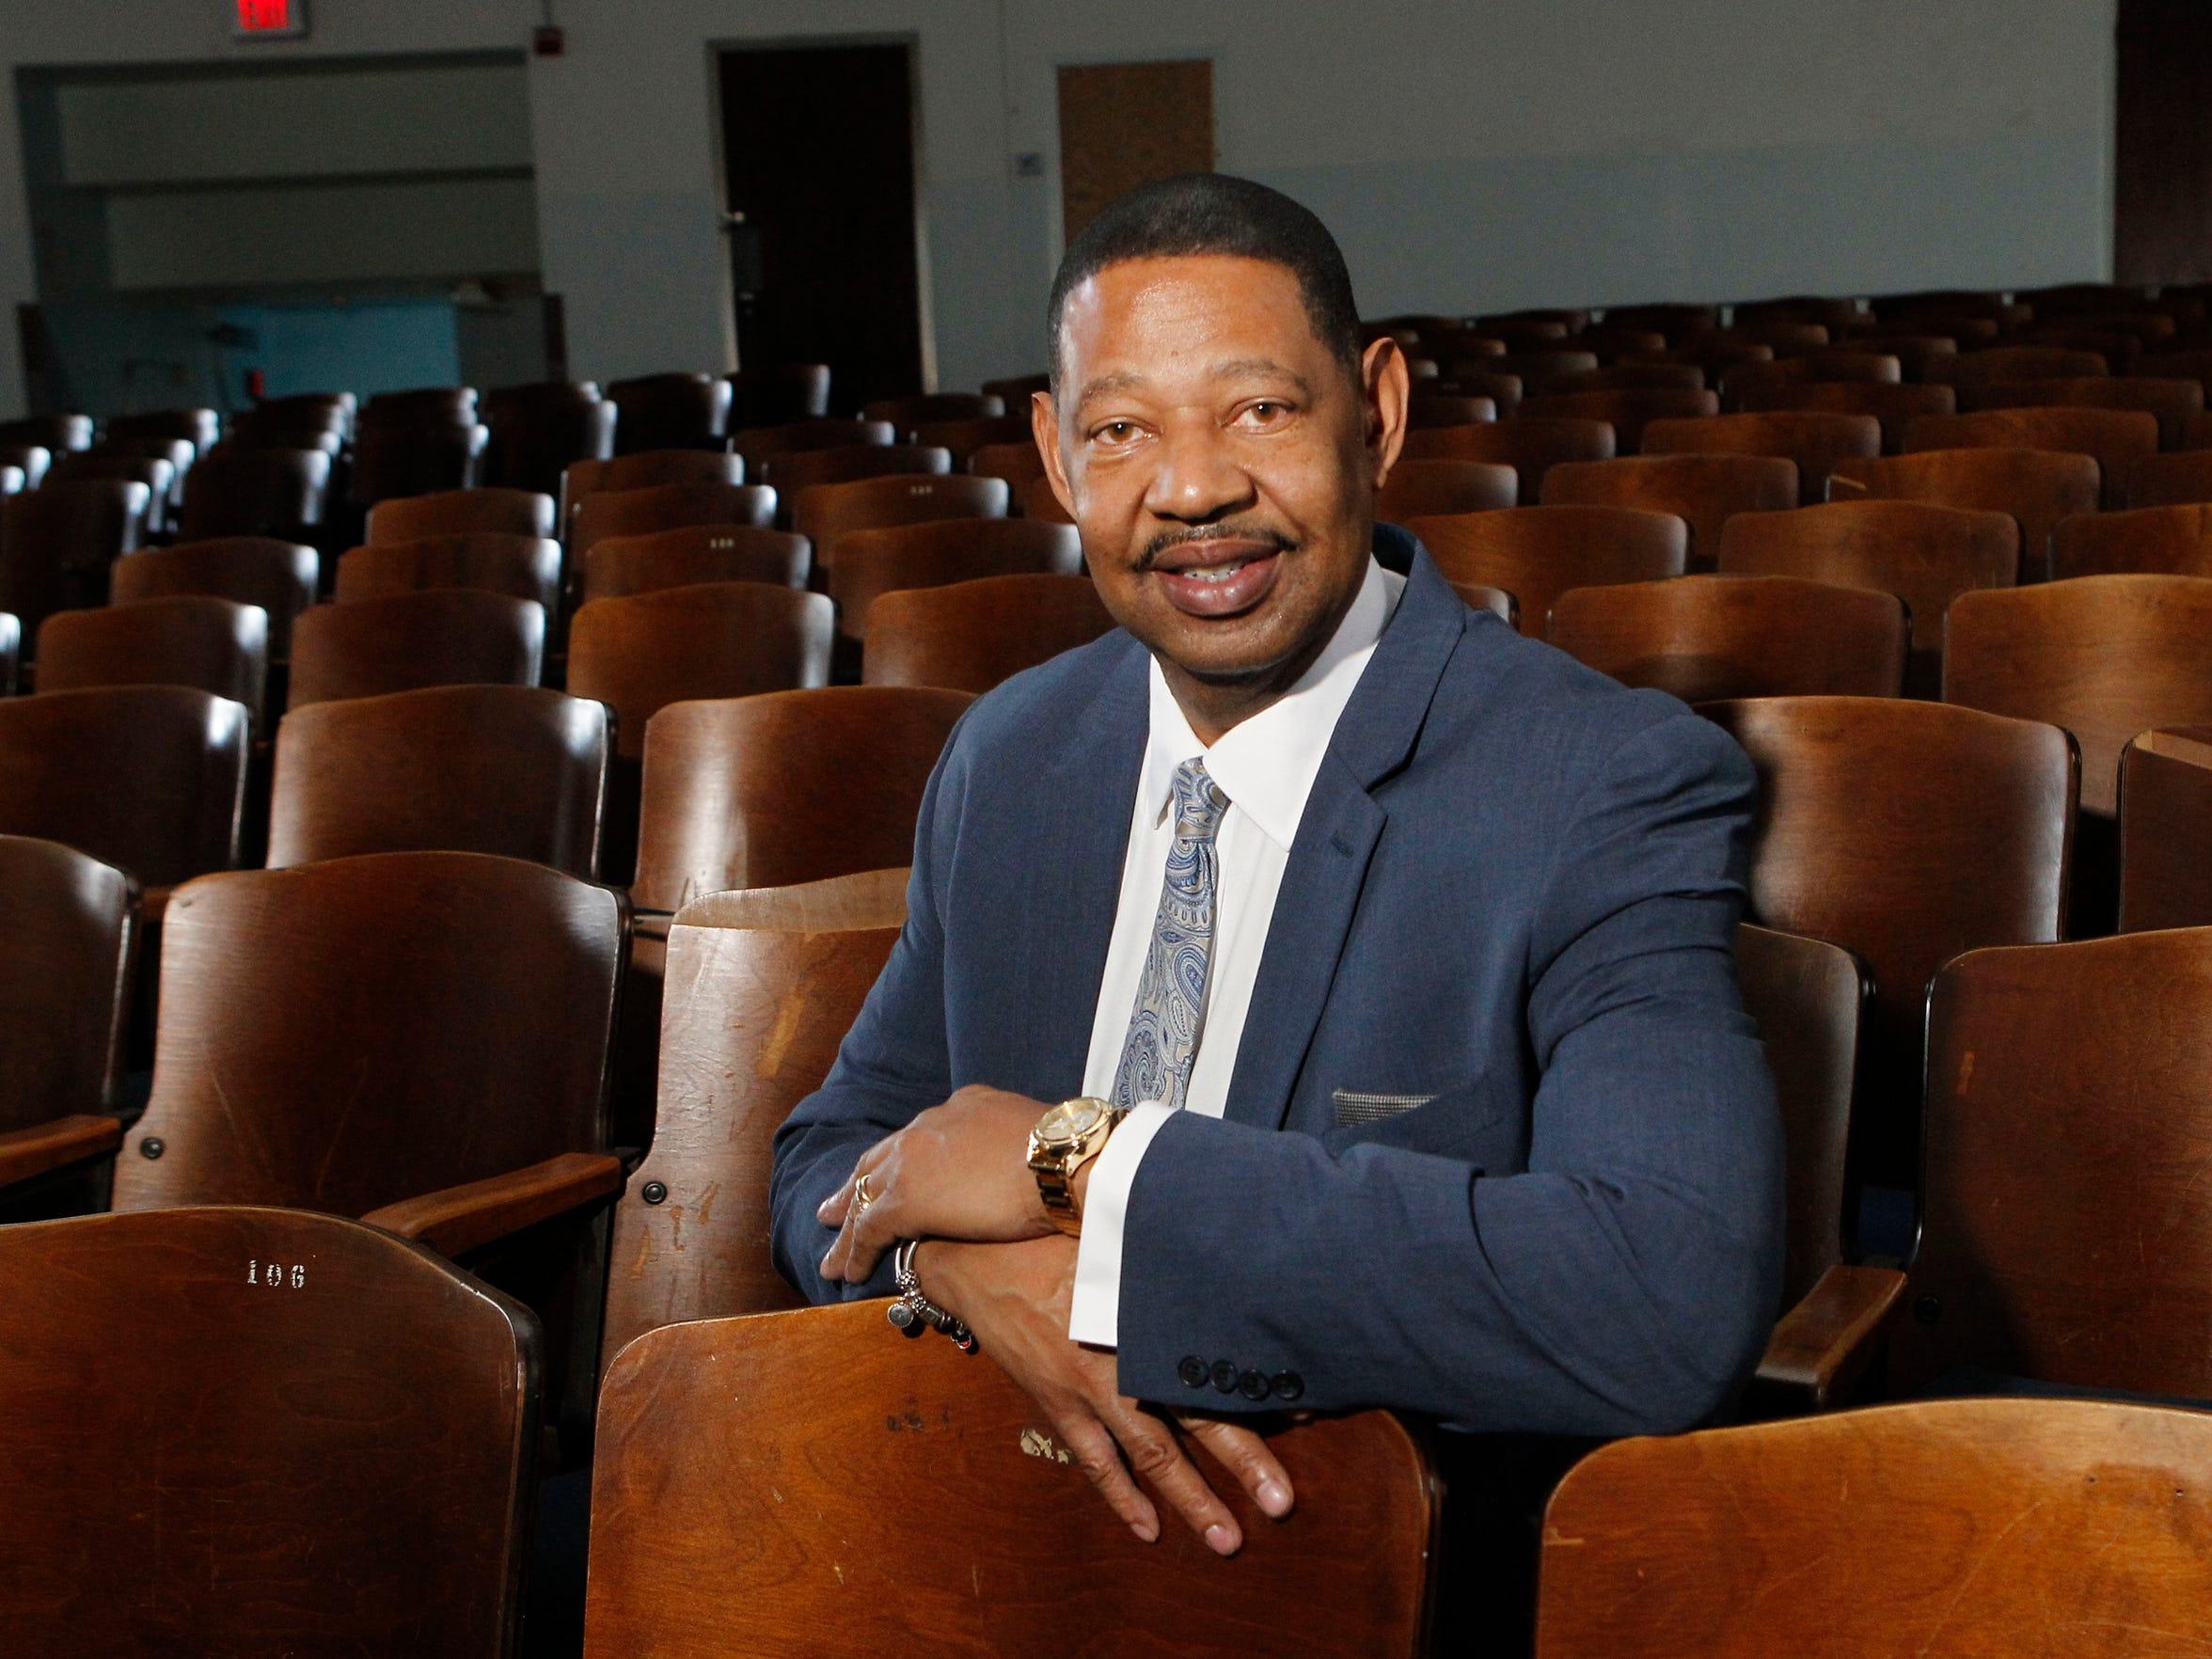 Mount Vernon School District Superintendent Kenneth